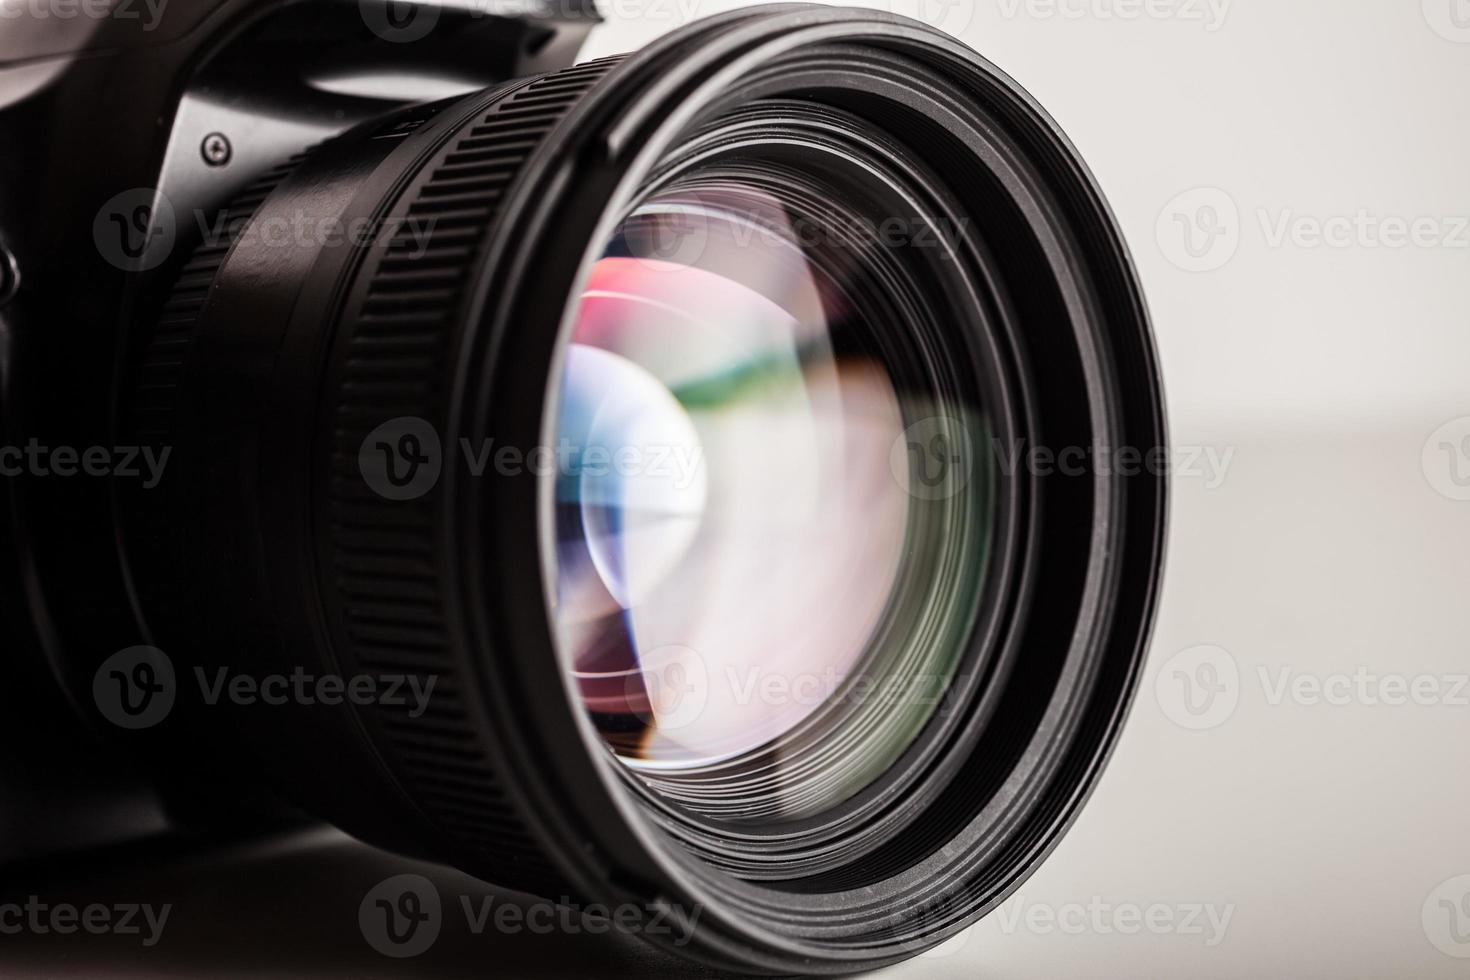 Camera lens close-up photo